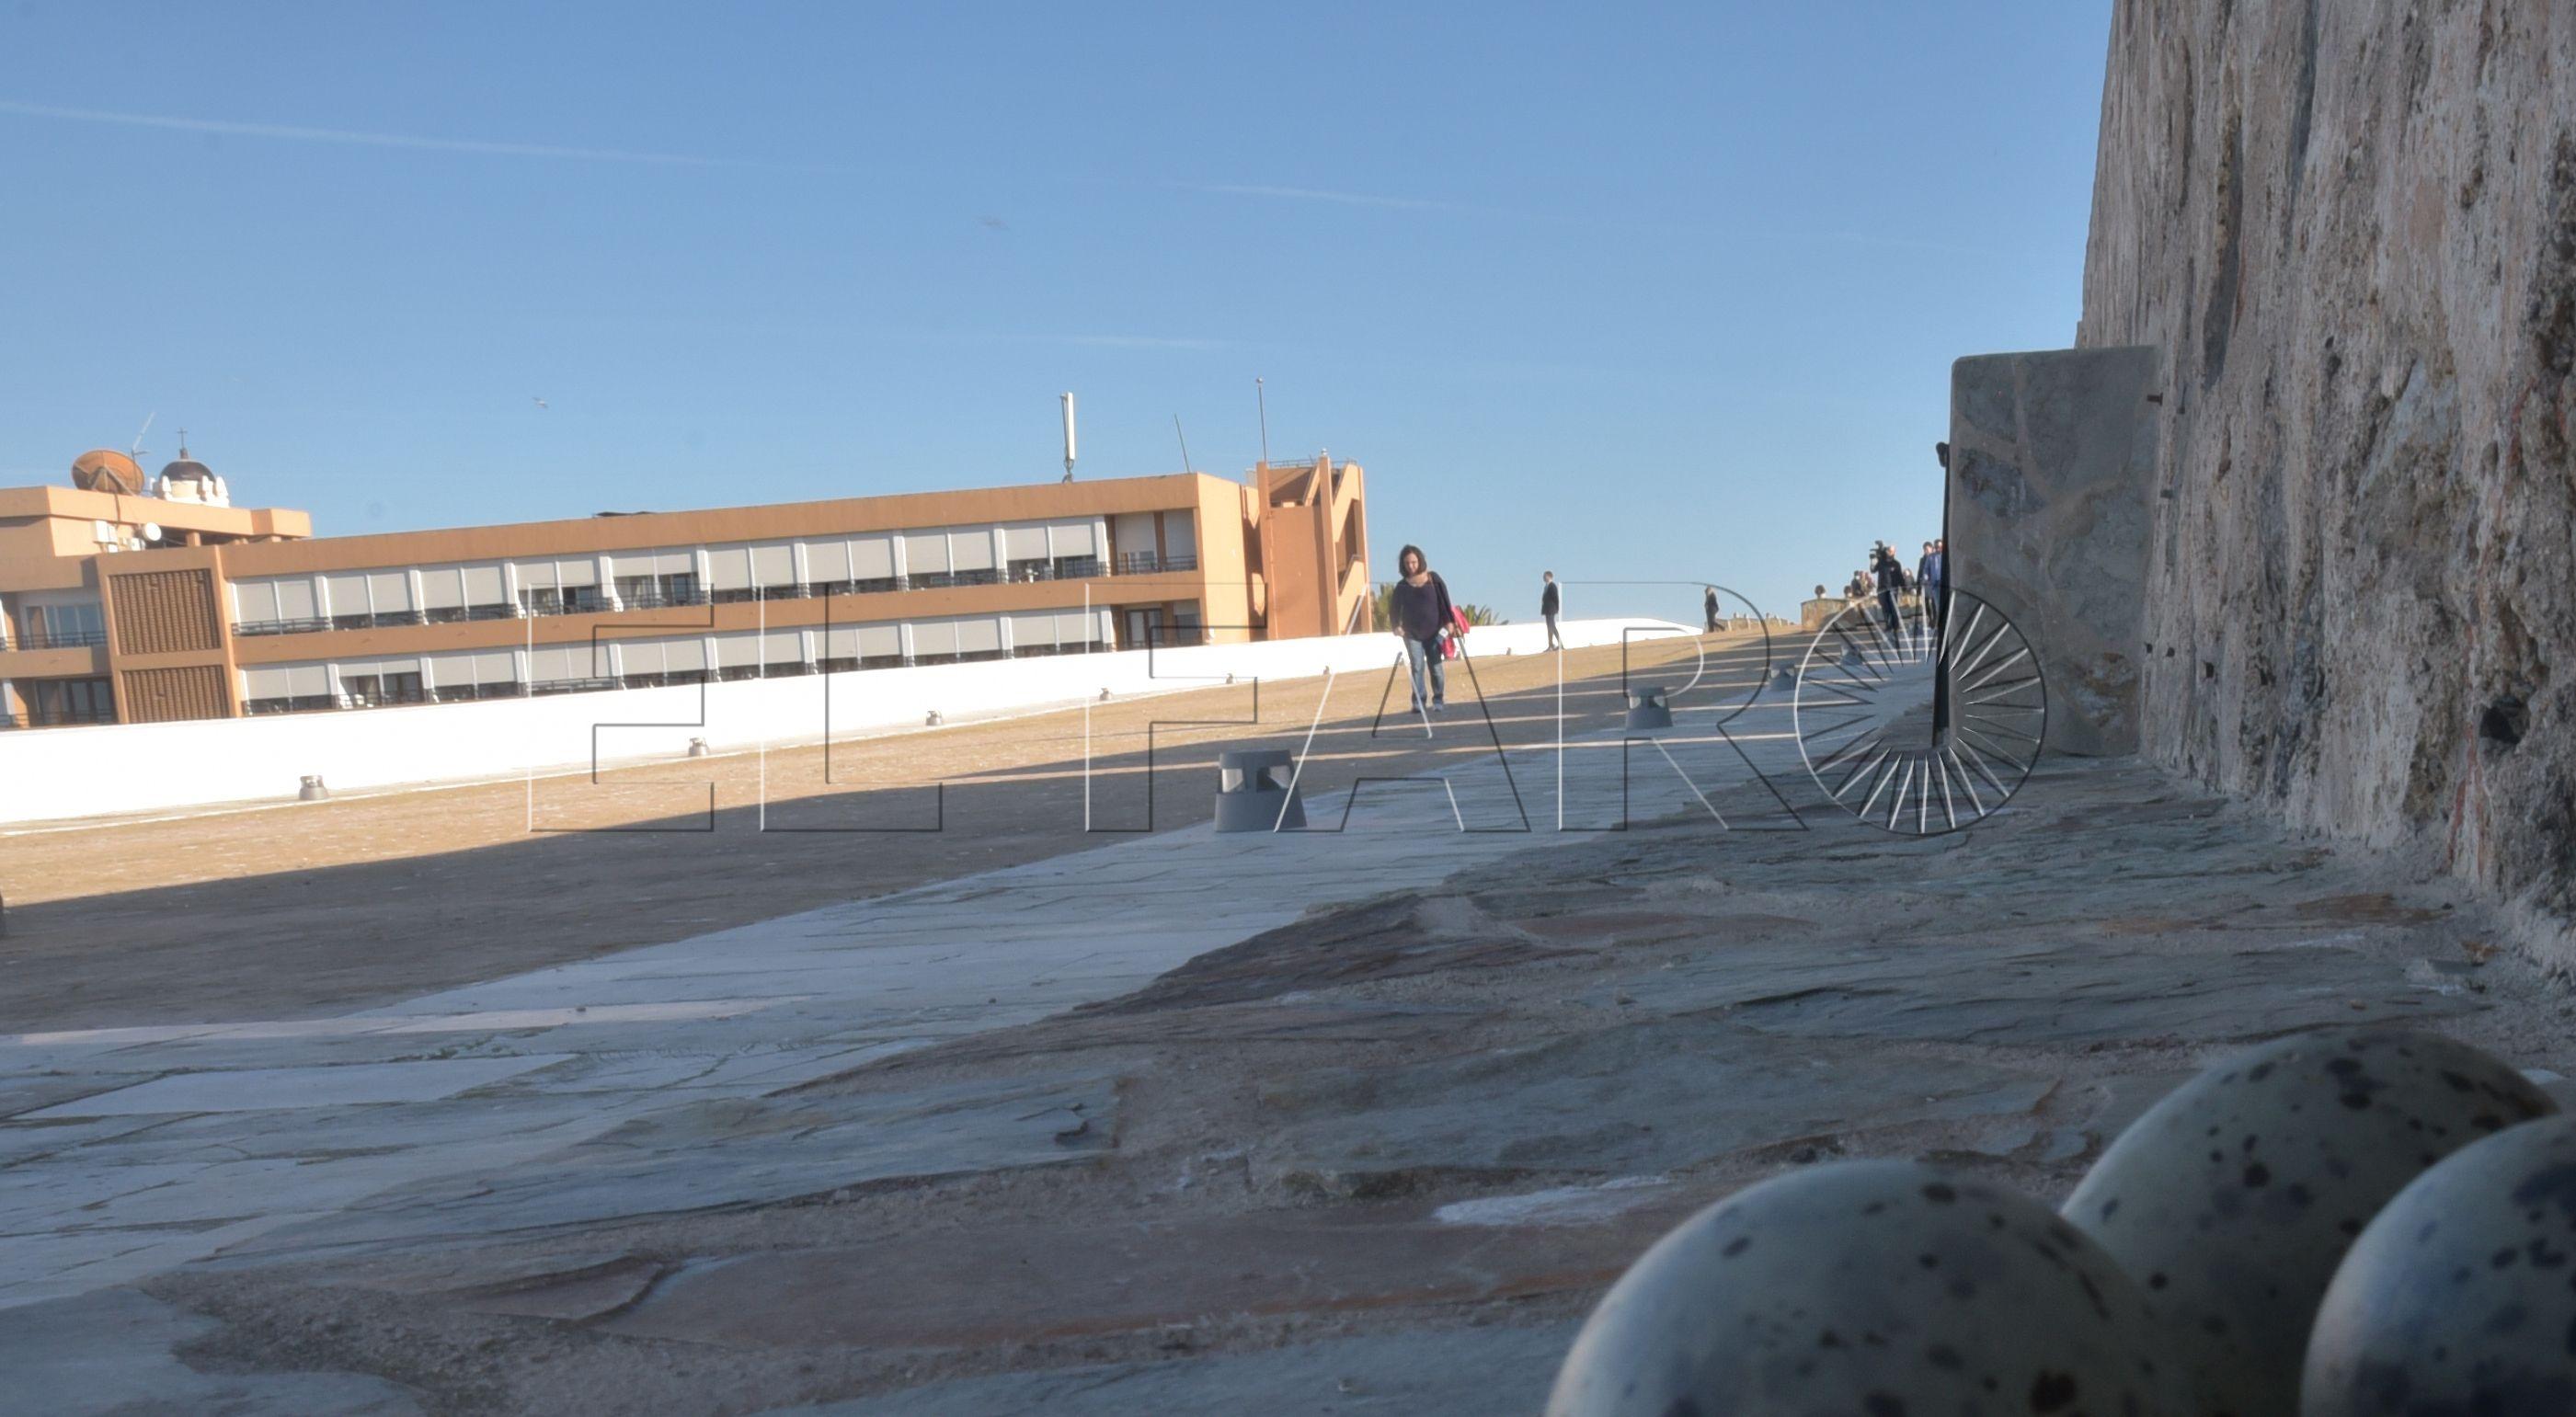 Turespaña arreglará las humedades del abovedado en el Parador de Ceuta